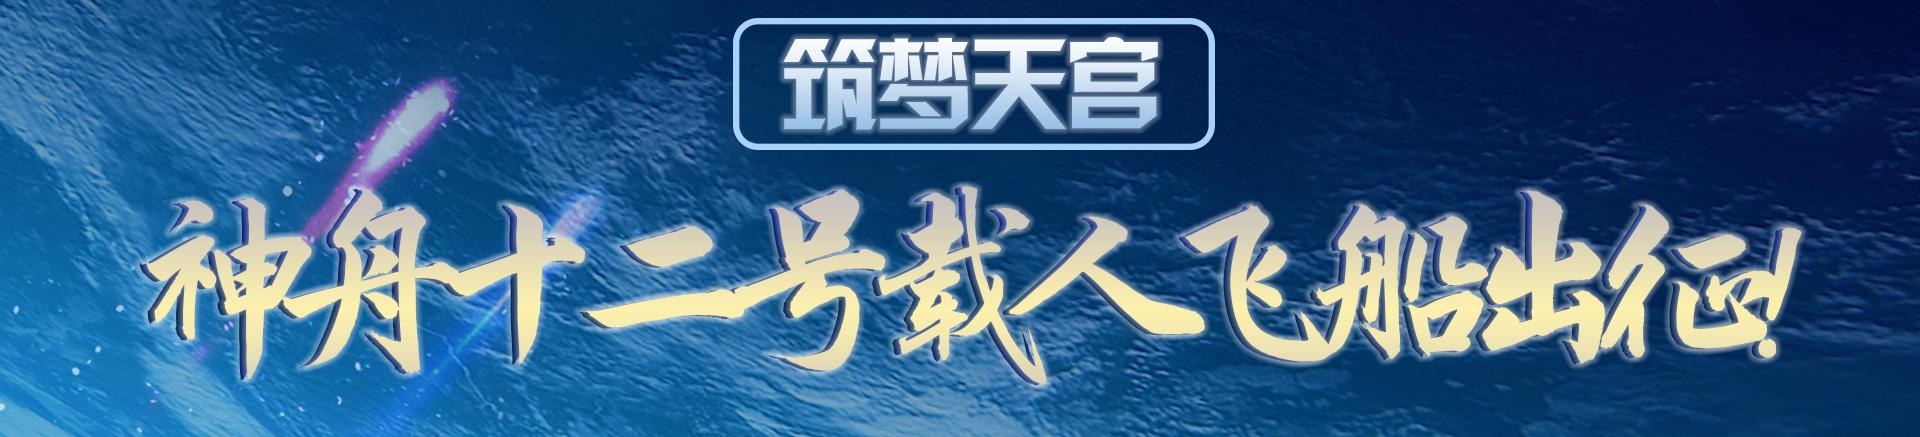 盛煌平台:转播预告:神舟十二号载人飞船今日返回地球(图1)